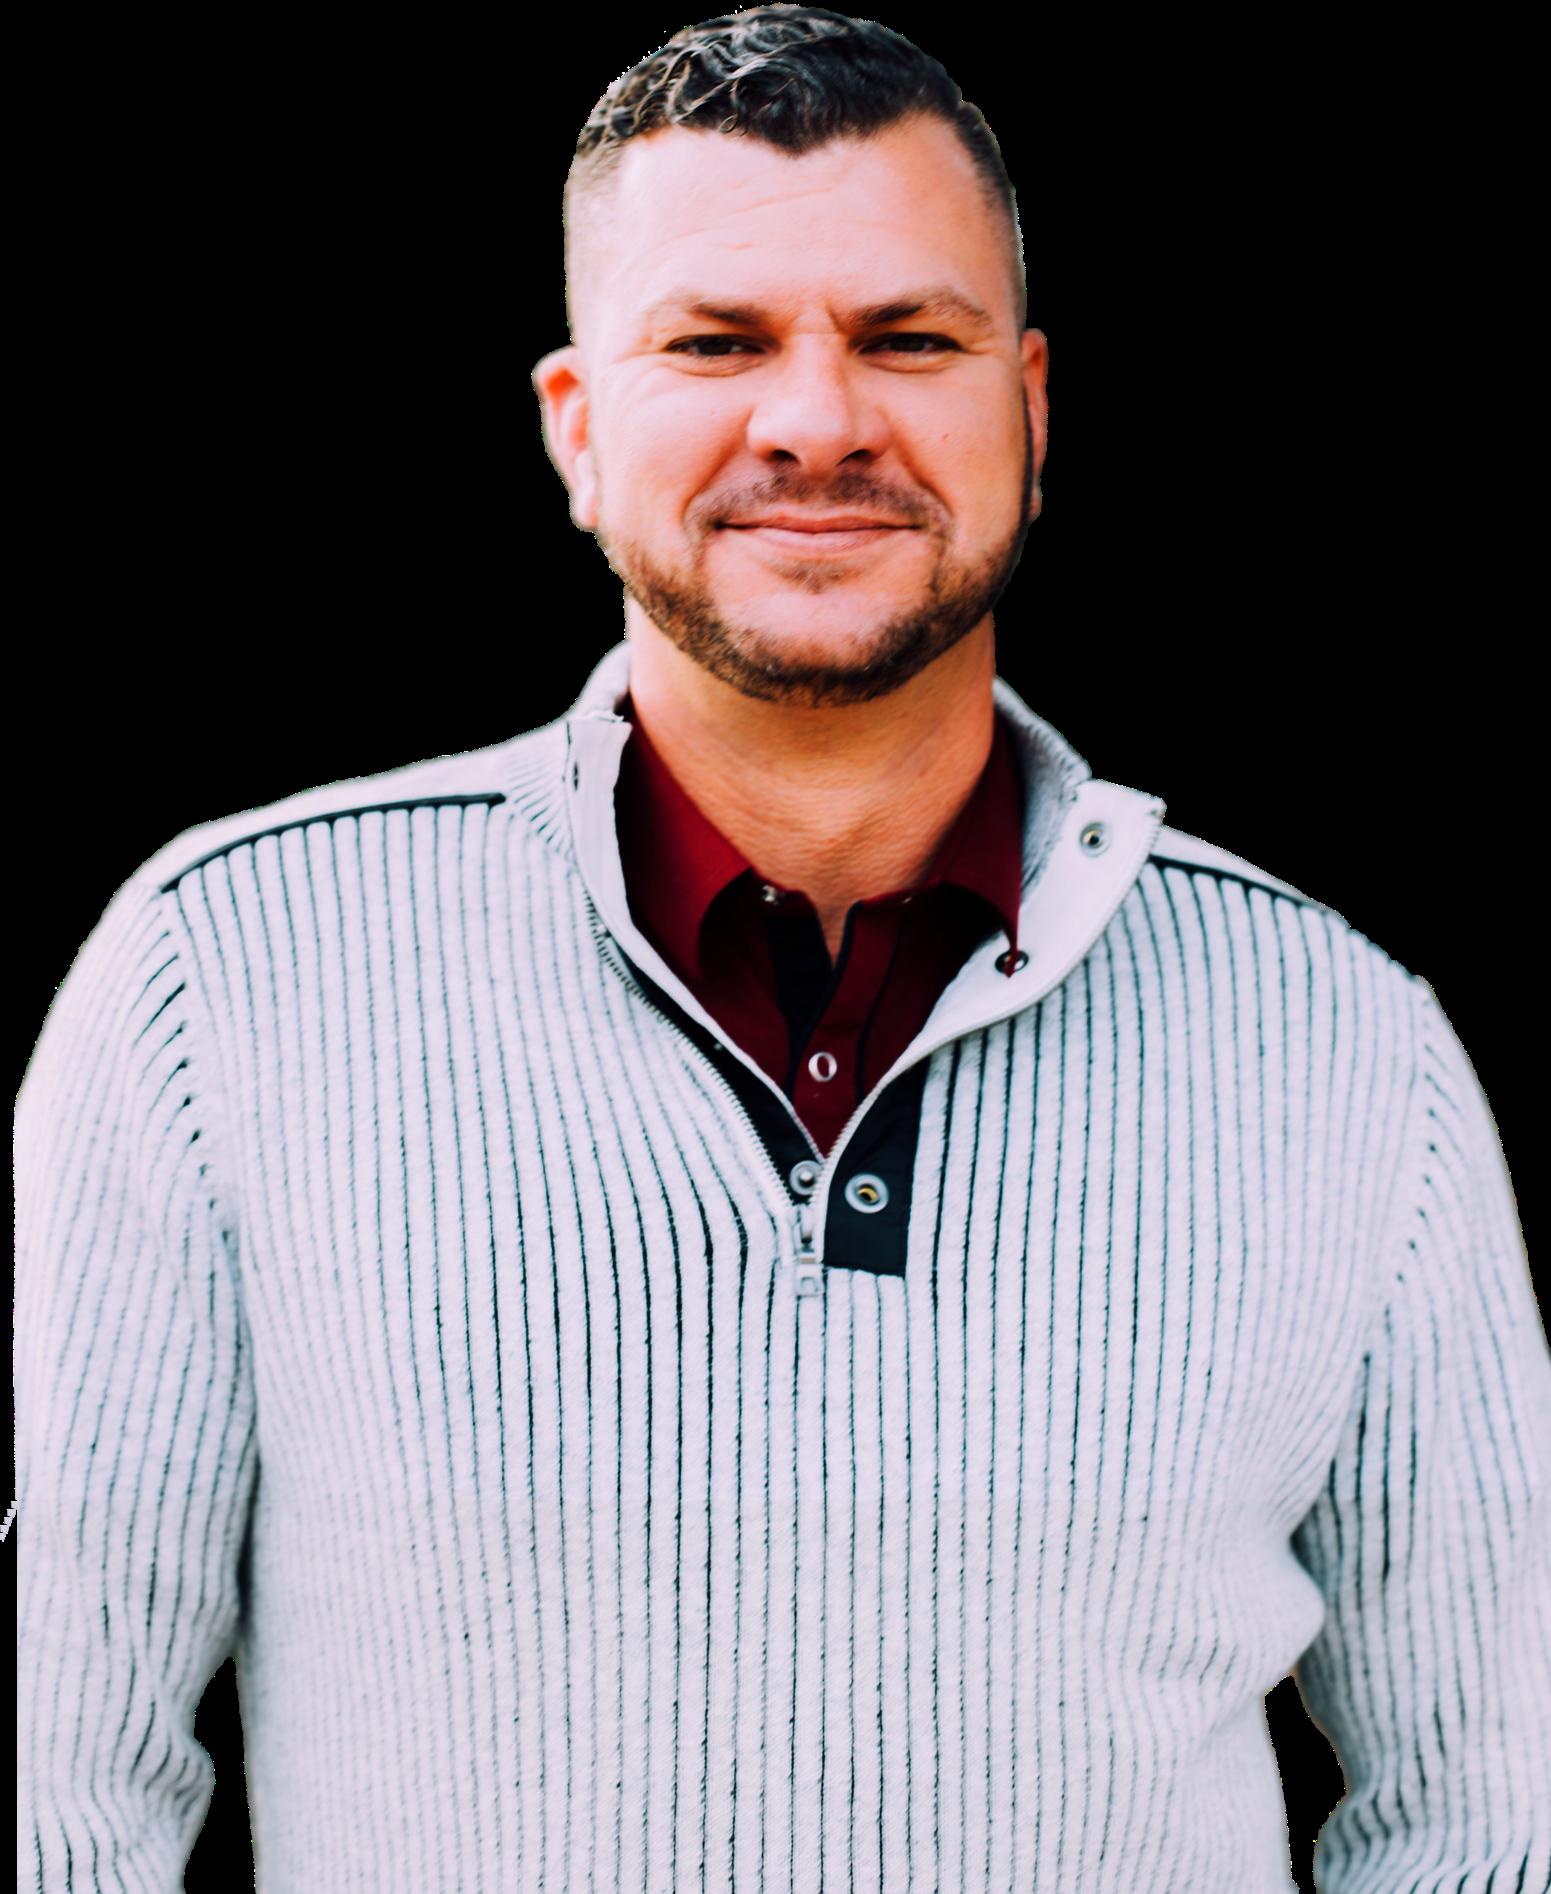 Craig Hilbun